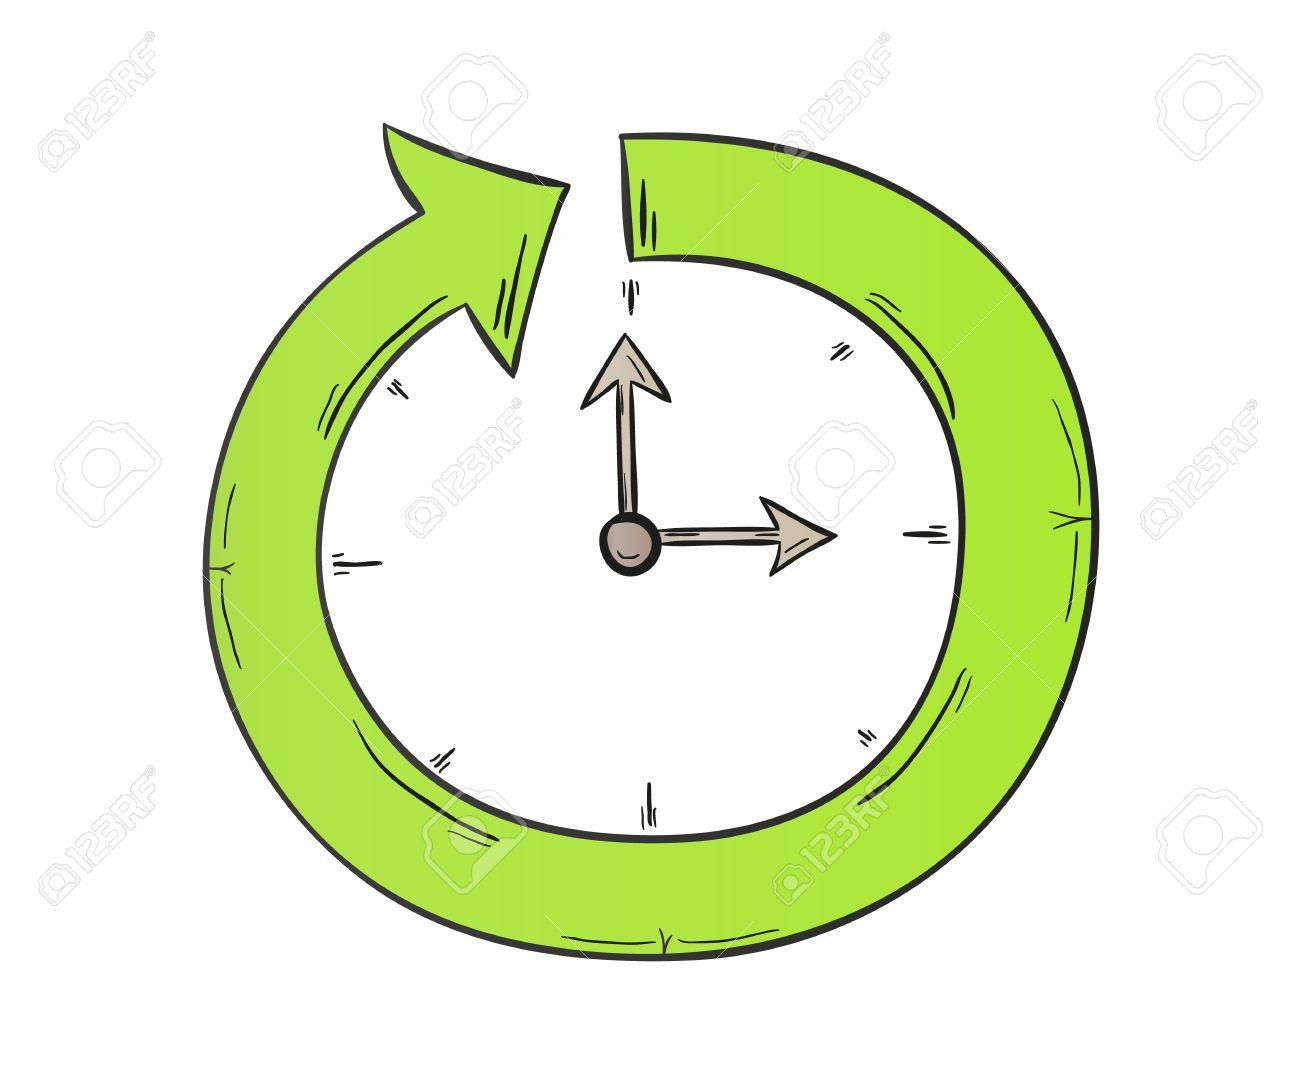 Imagini pentru clock symbol